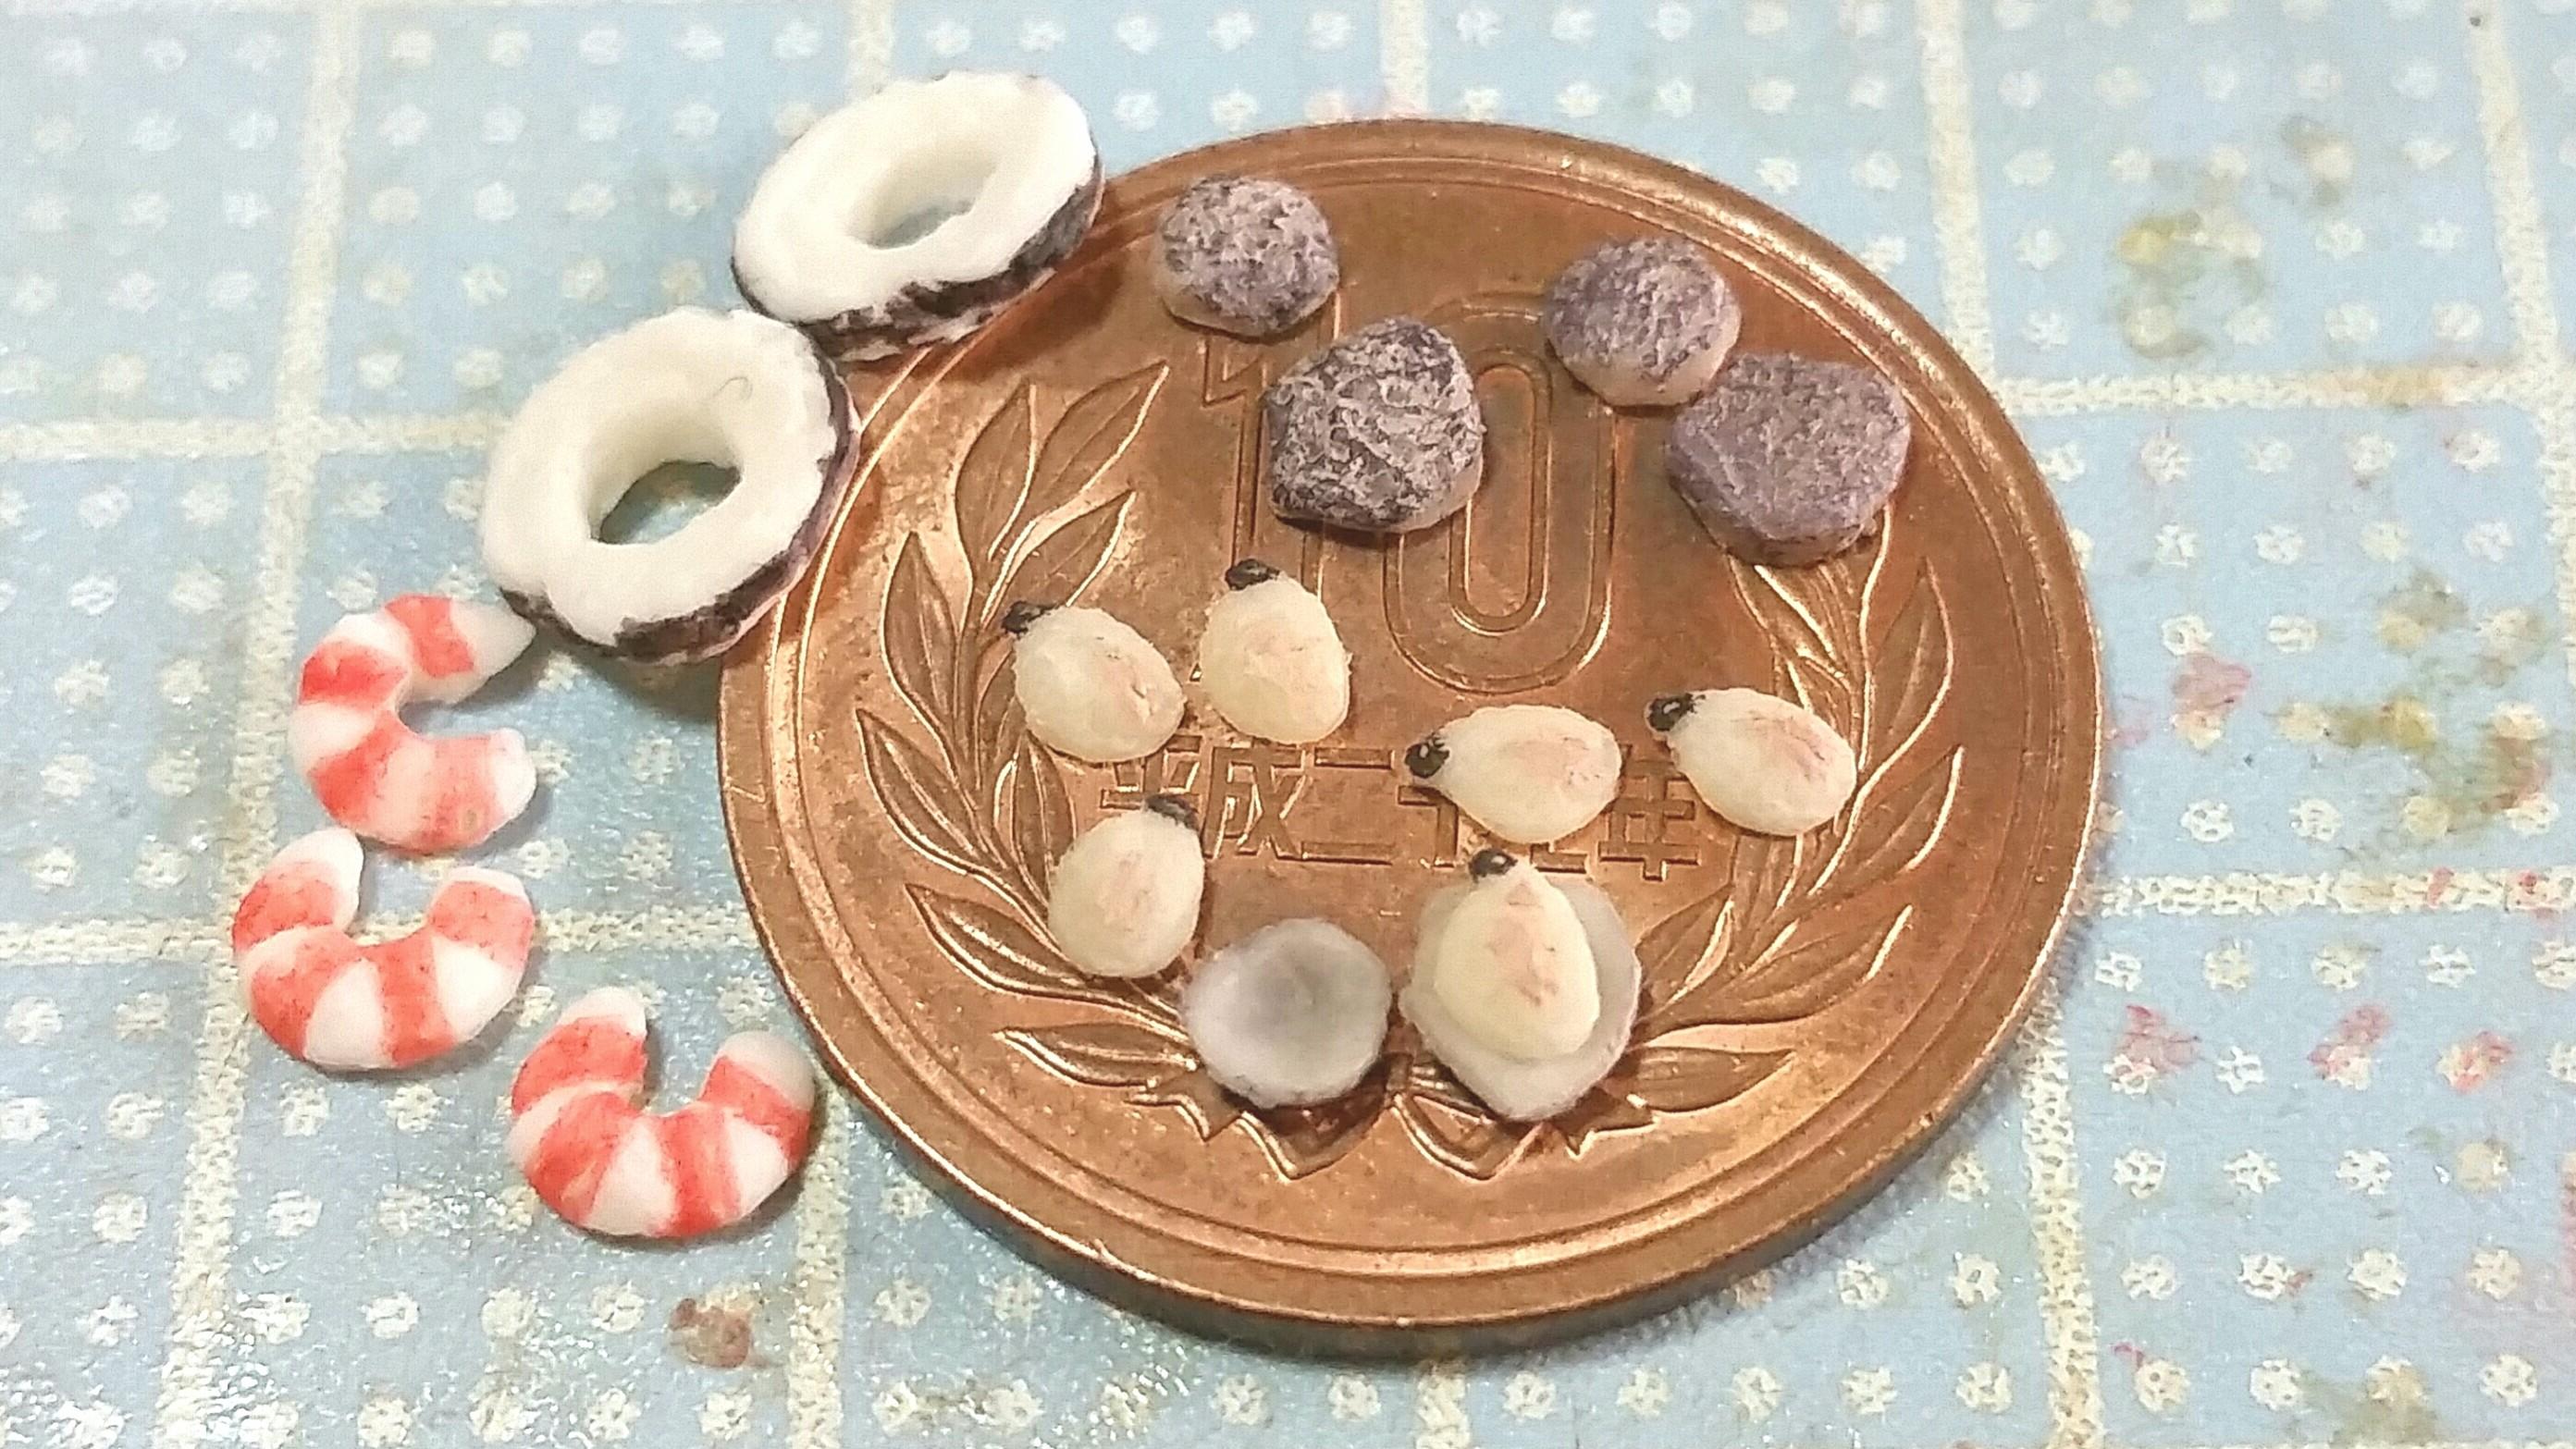 ミニチュア,シーフード,魚介類,えび,いか,あさり,樹脂粘土